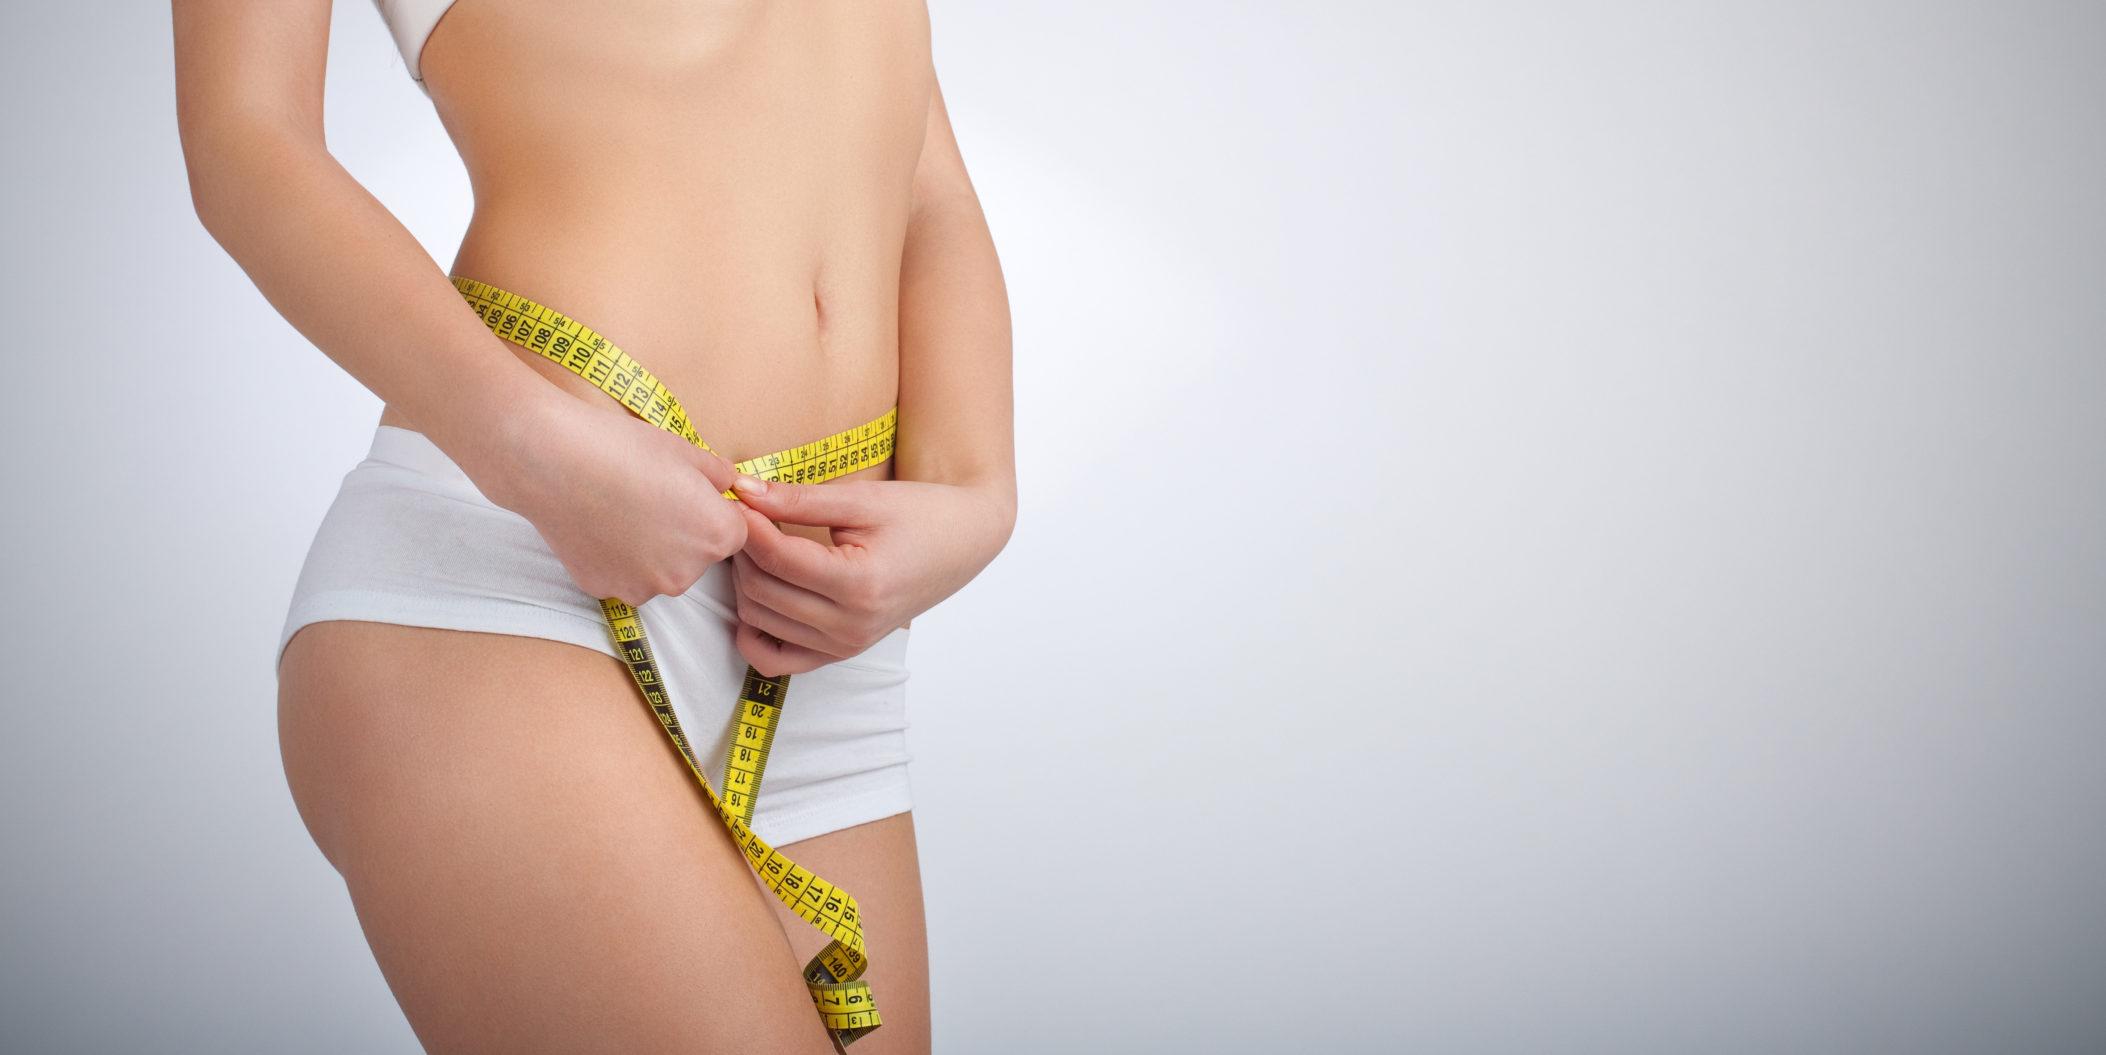 Киллер Калорий — коктейль для похудения: отзывы реальных покупателей и специалистов